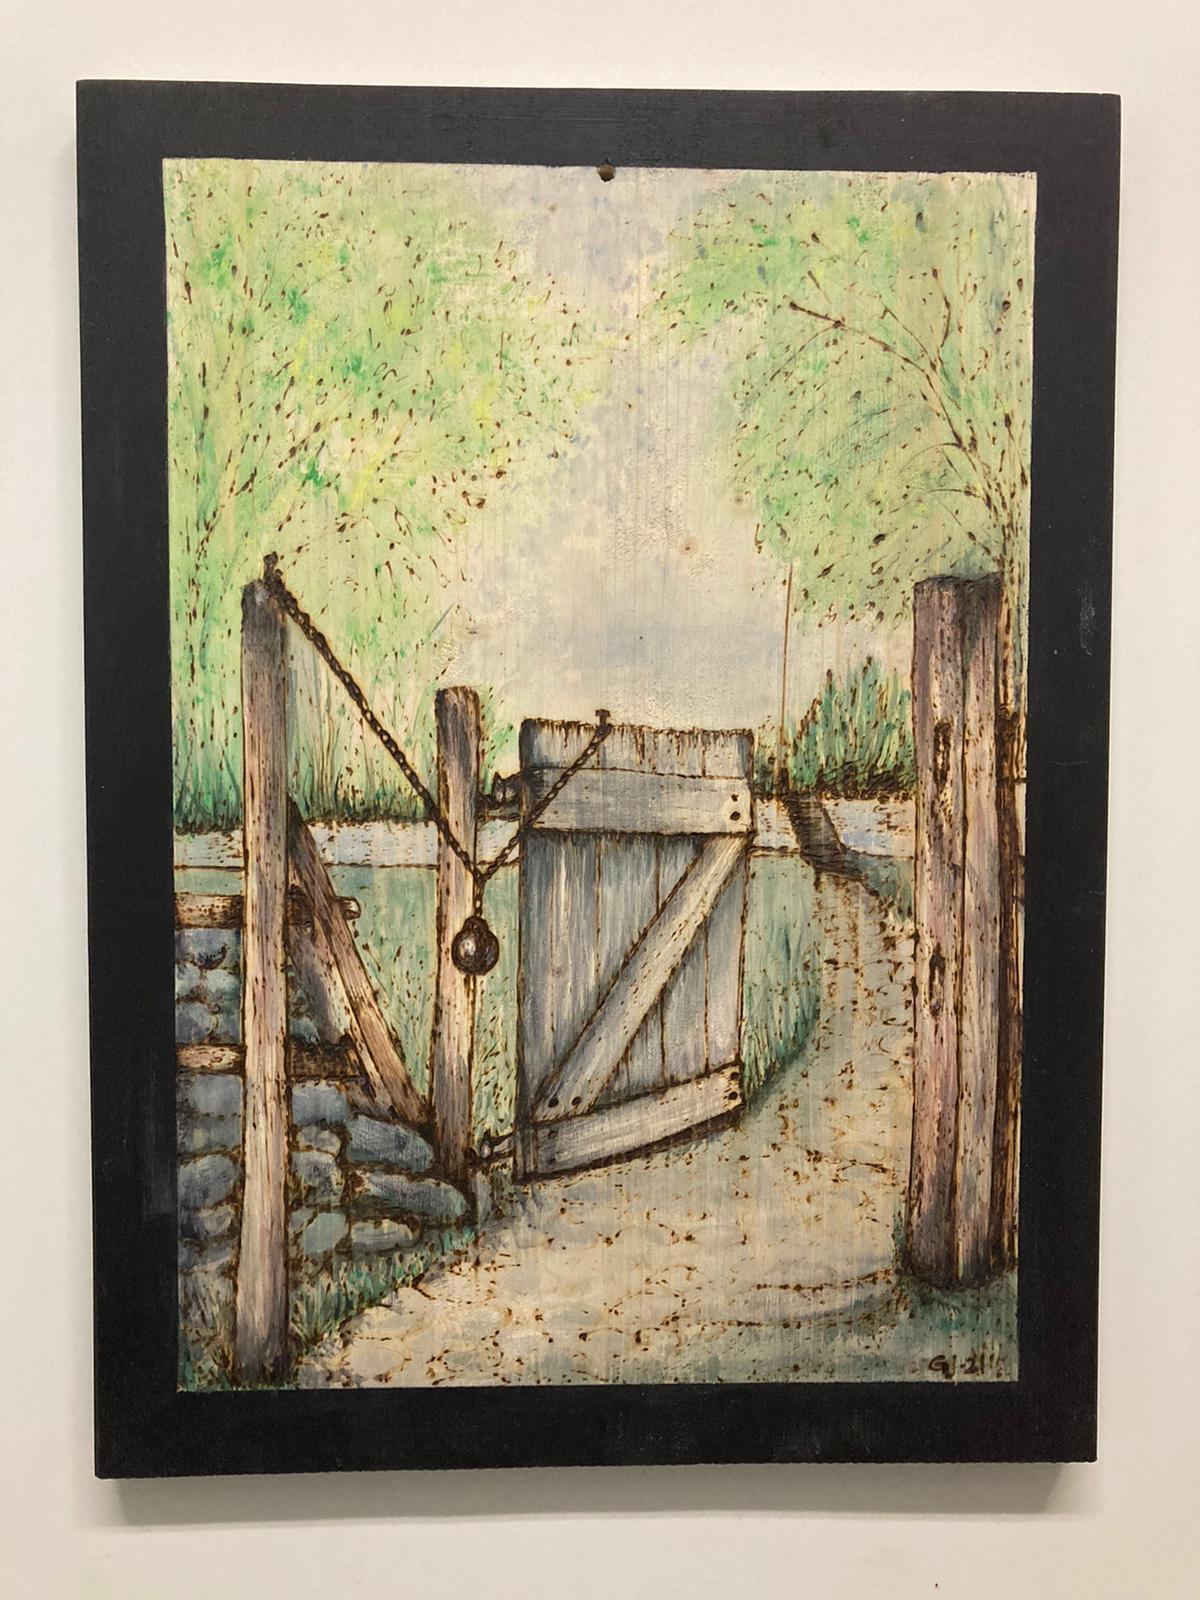 Trätavla med en grind som öppnar sig mot en stig i naturen. Motiv bränt ned brännarna och målade med akryl.